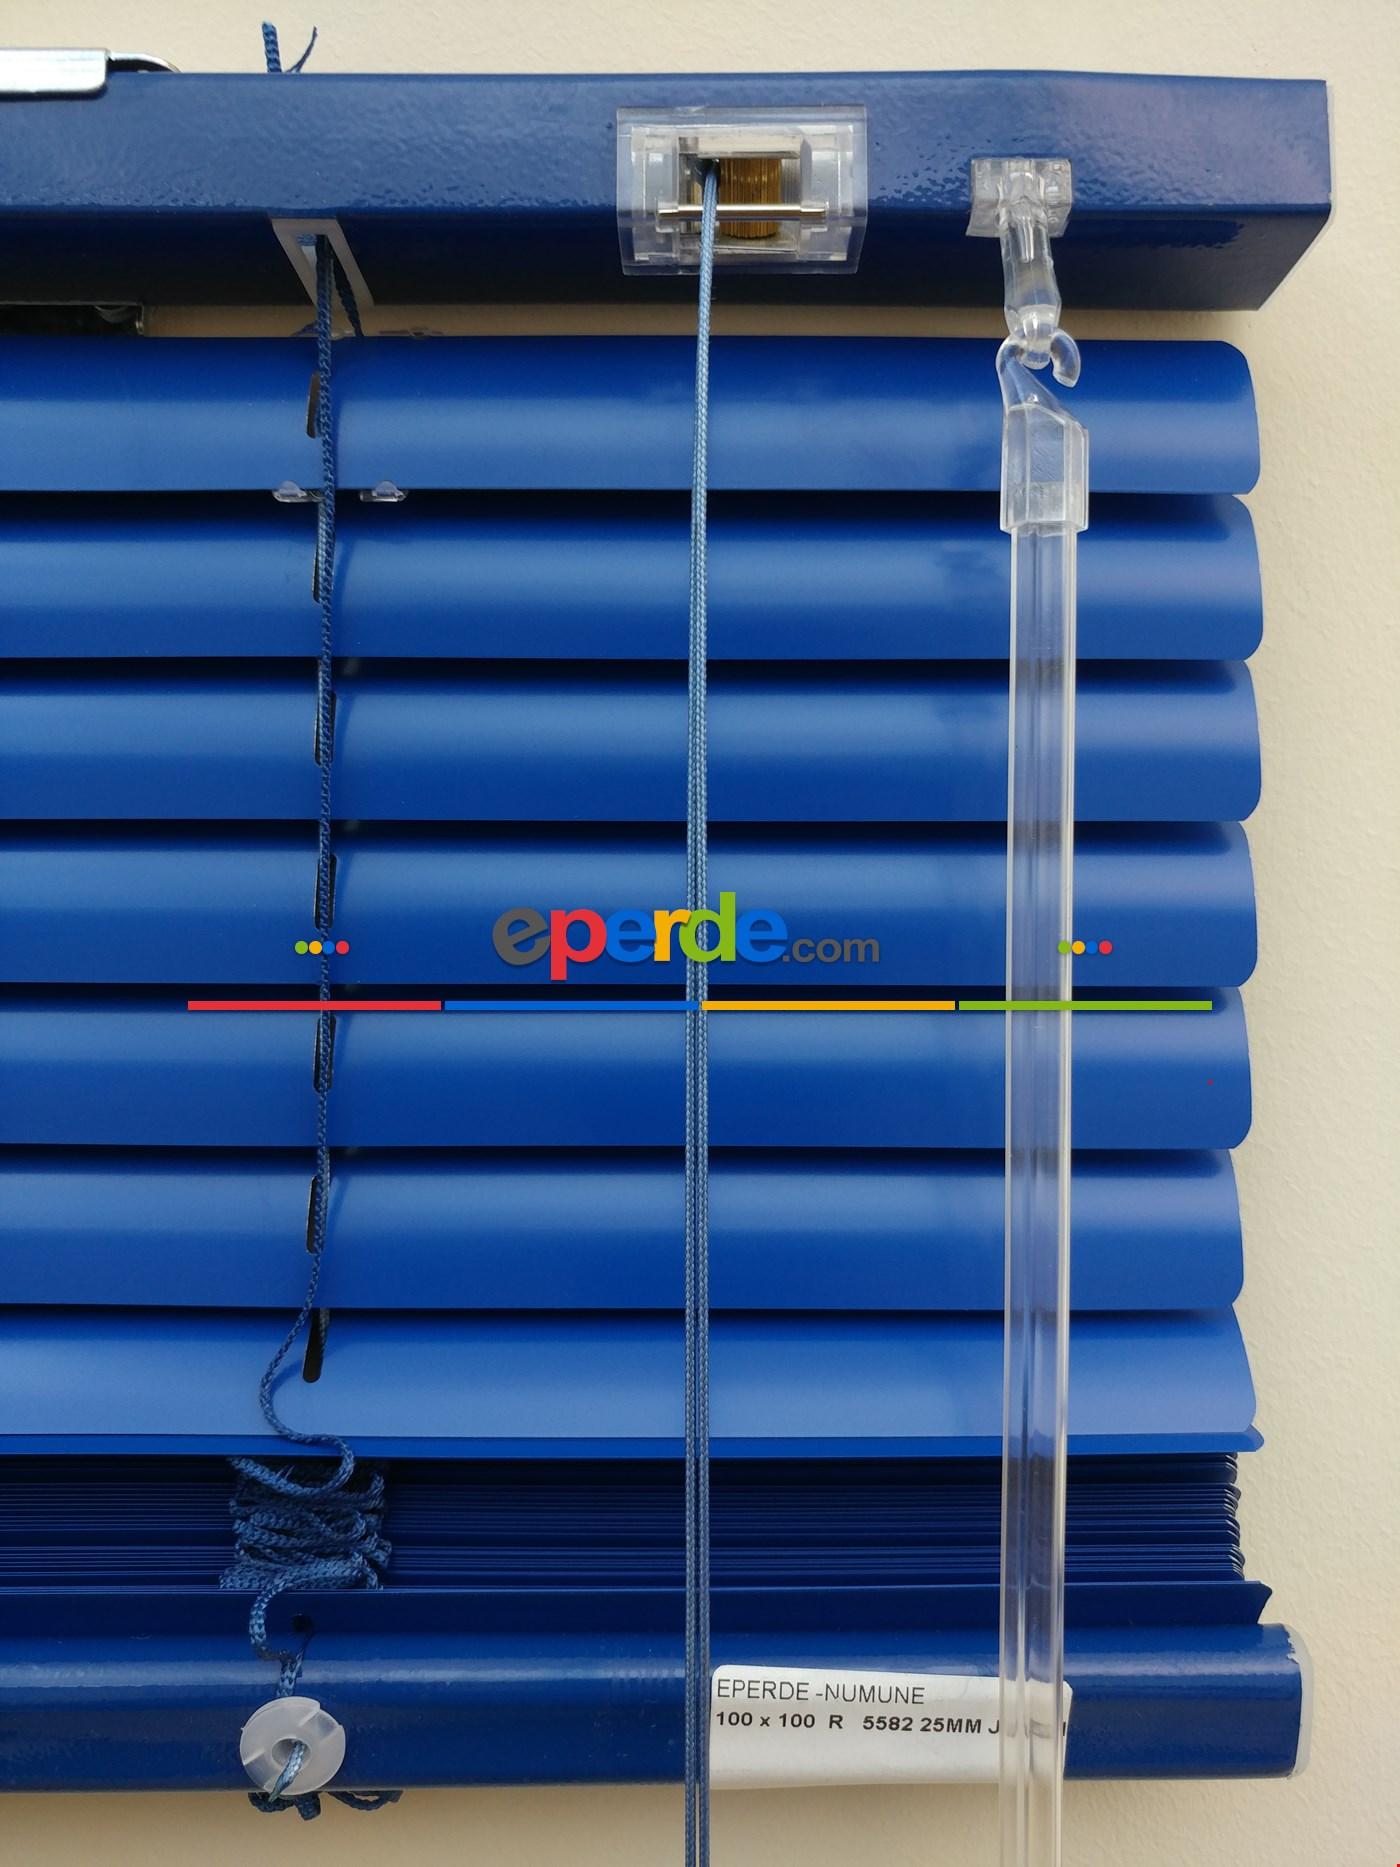 Saks Mavi - Alüminyum Jaluzi Perde - 25mm Kalınlığında